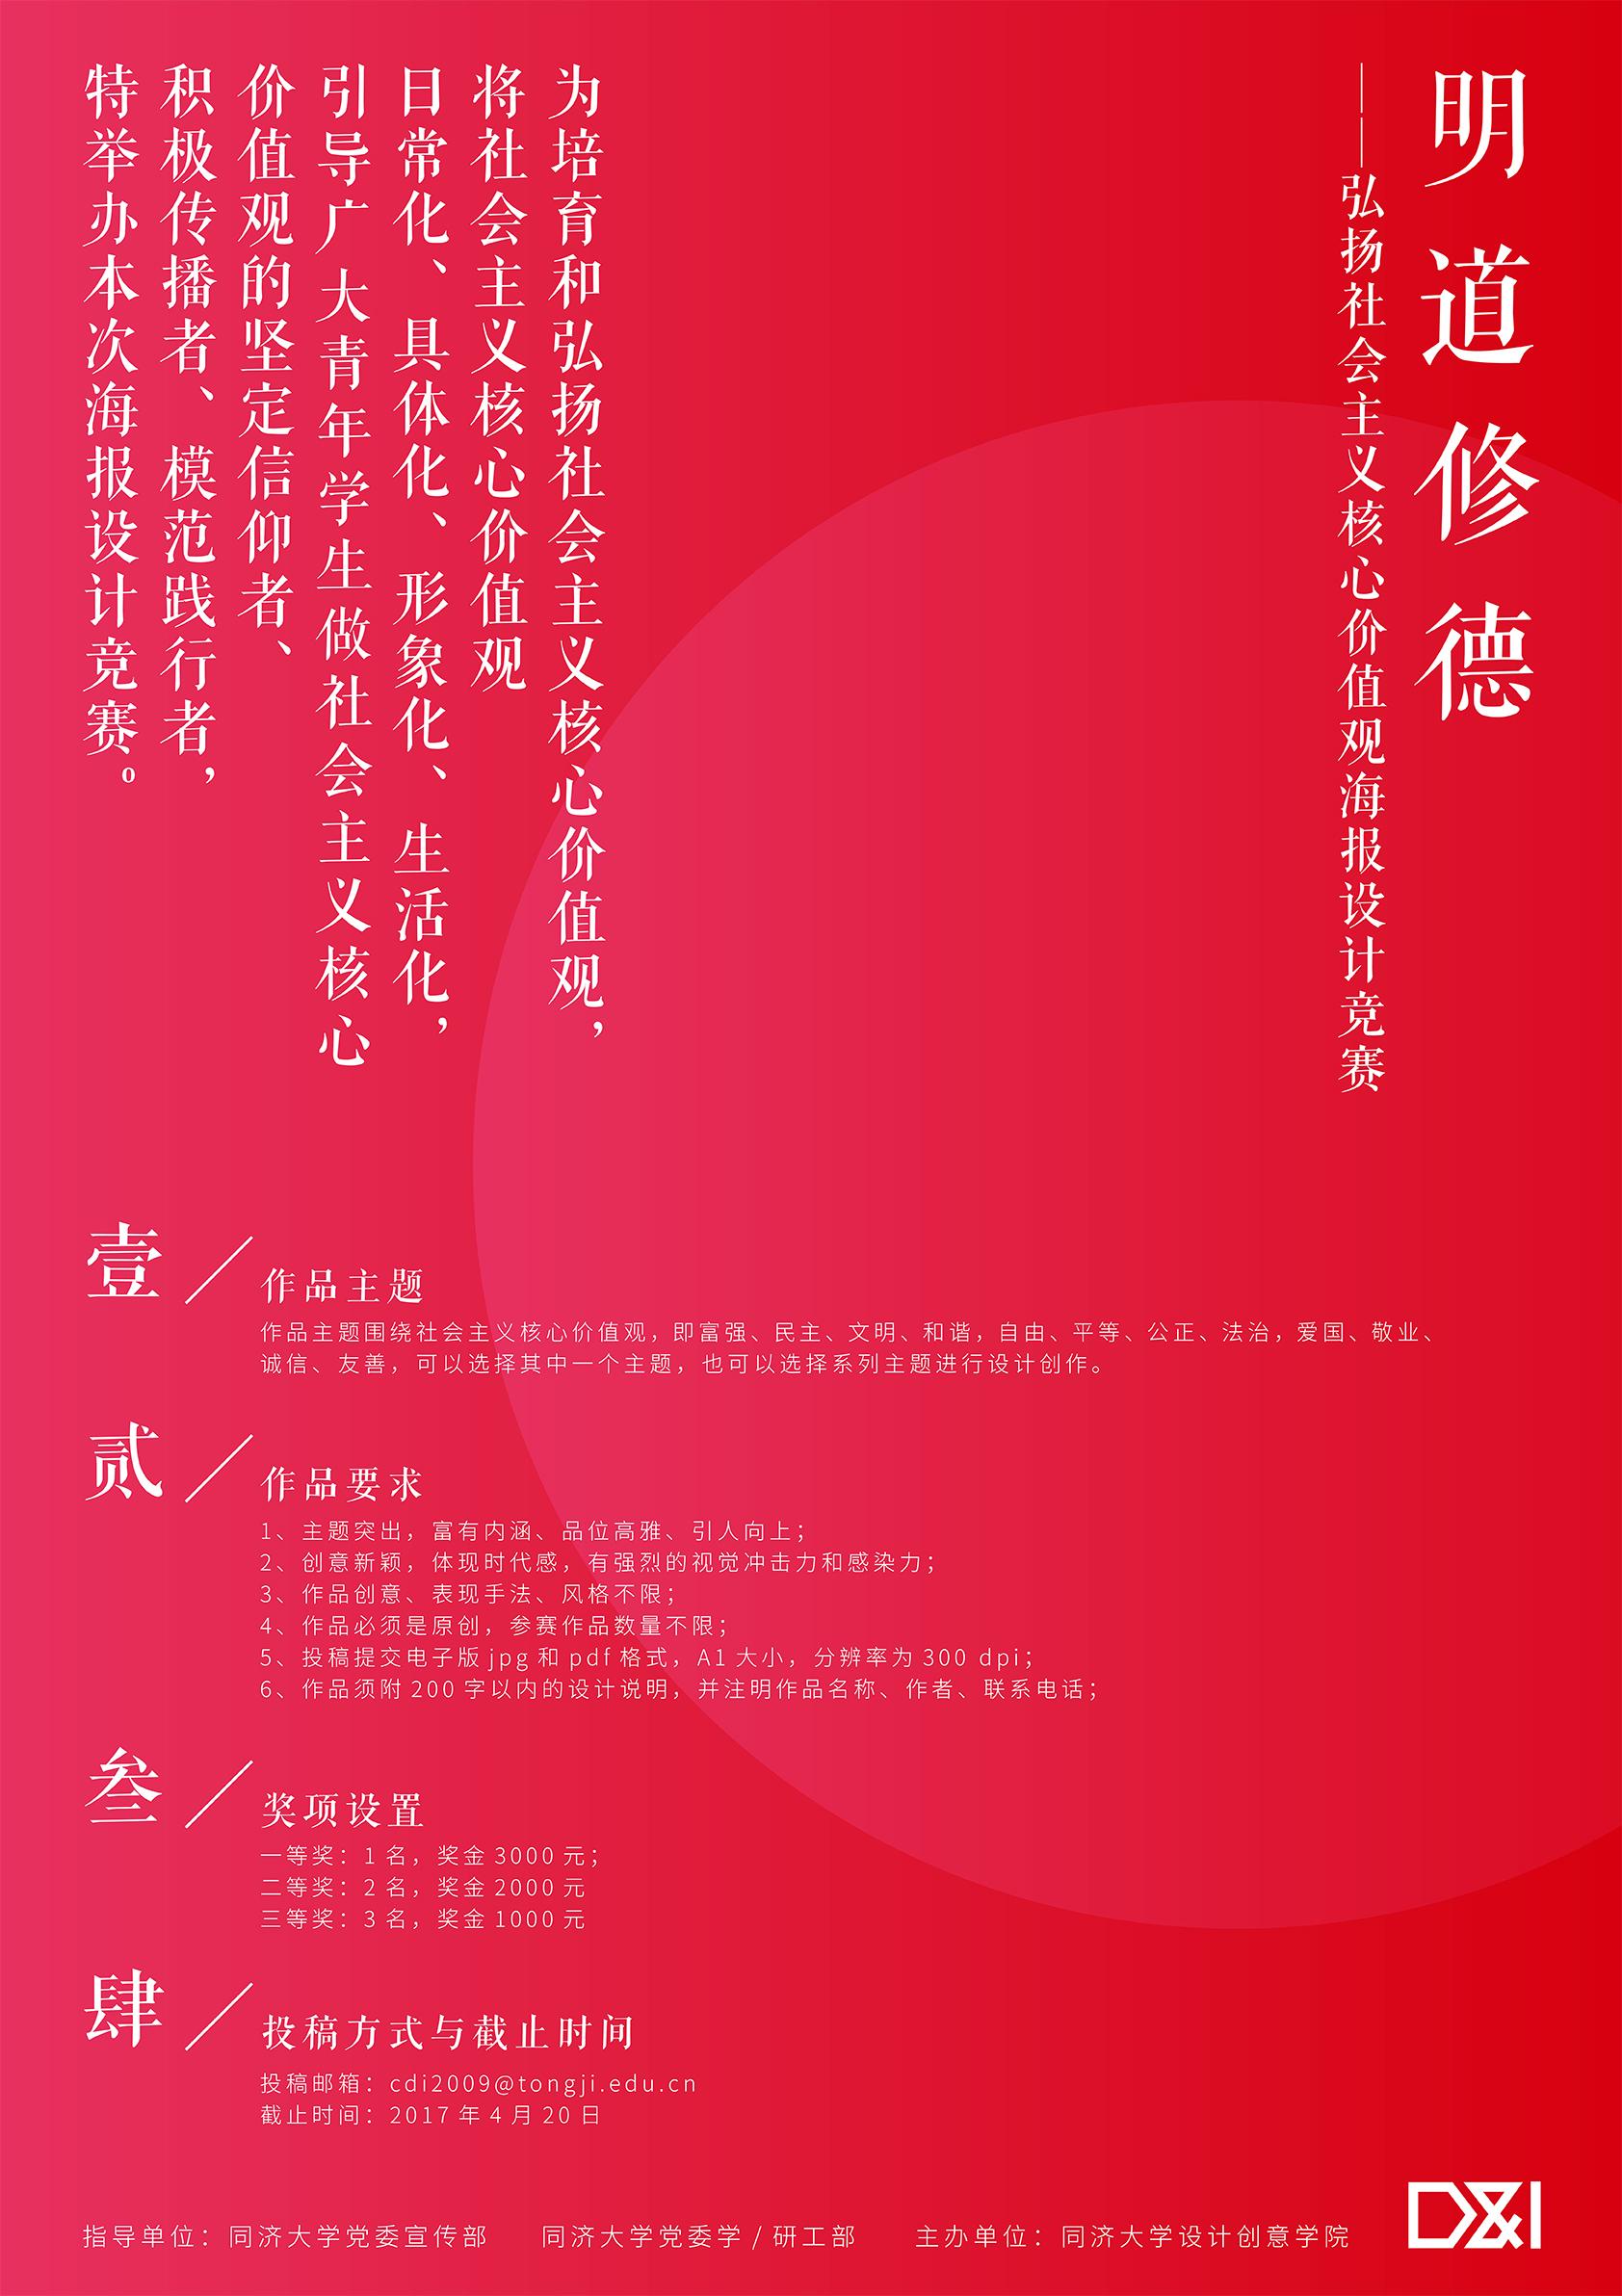 明道修德——弘扬社会主义核心价值观海报设计竞赛启动